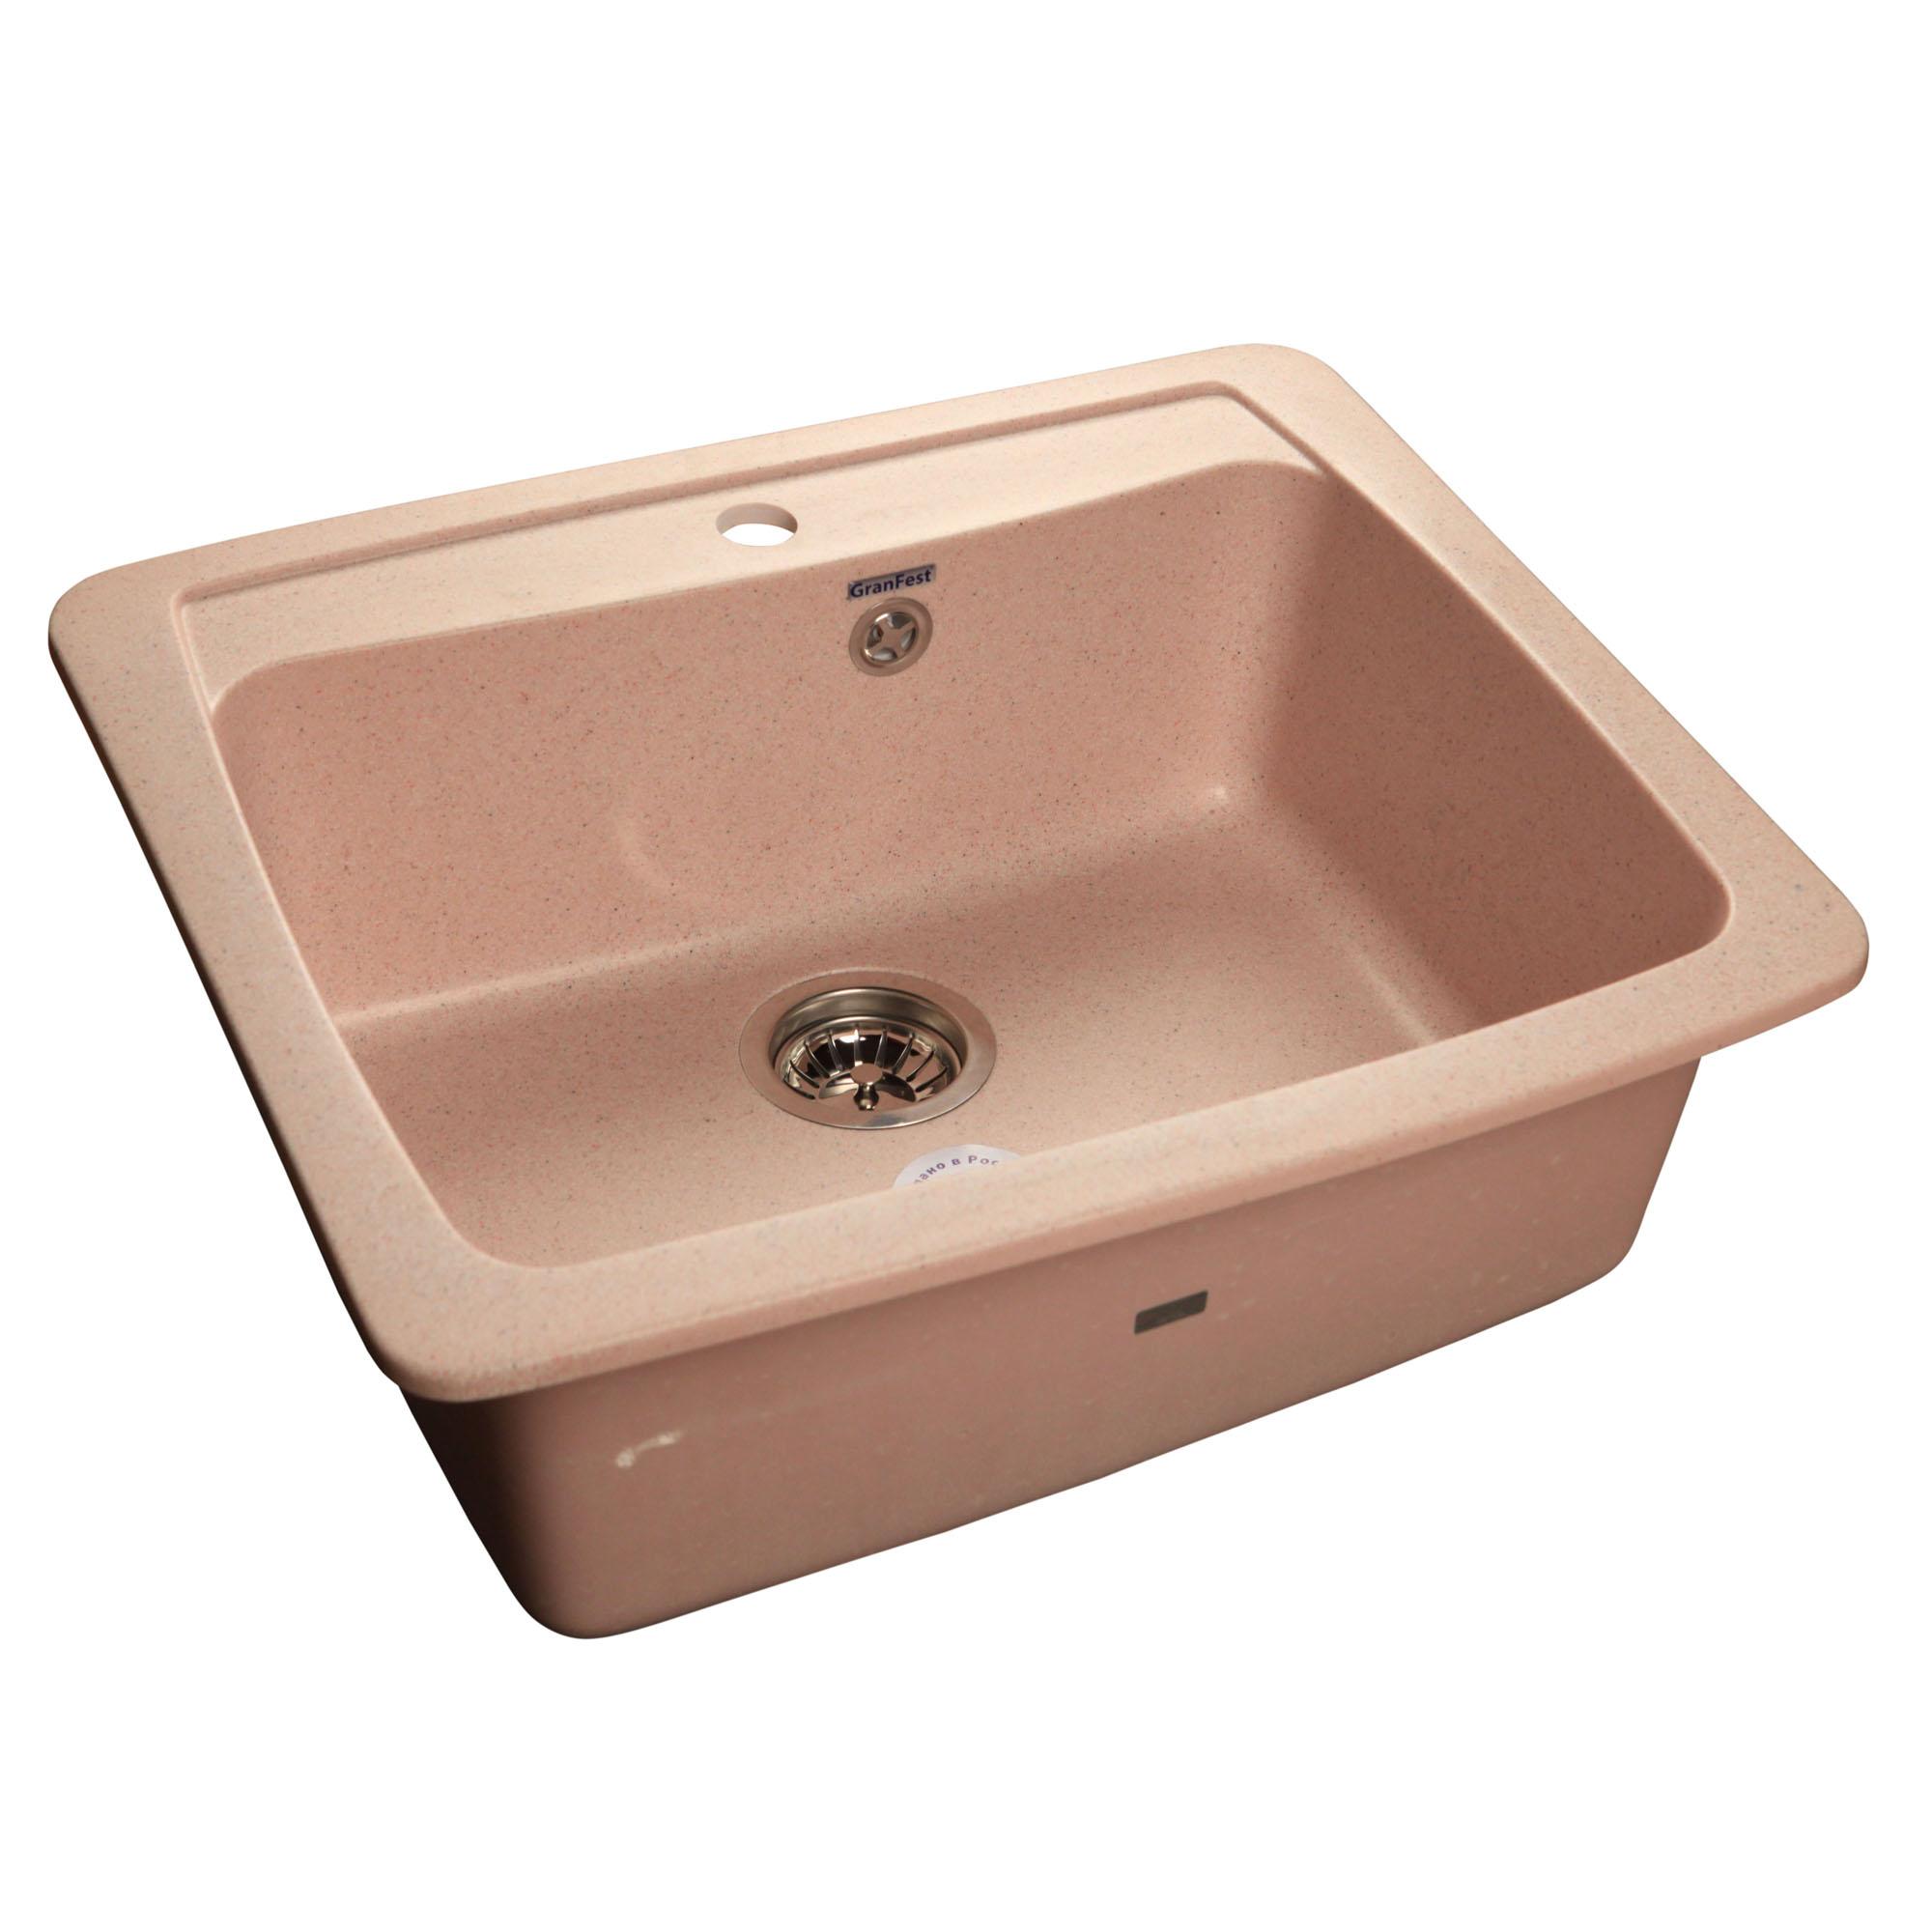 Кухонная мойка GranFest Standart GF-S605 светло-розовый мойка кухонная granfest гранит 605x510 gf s605 бежевая